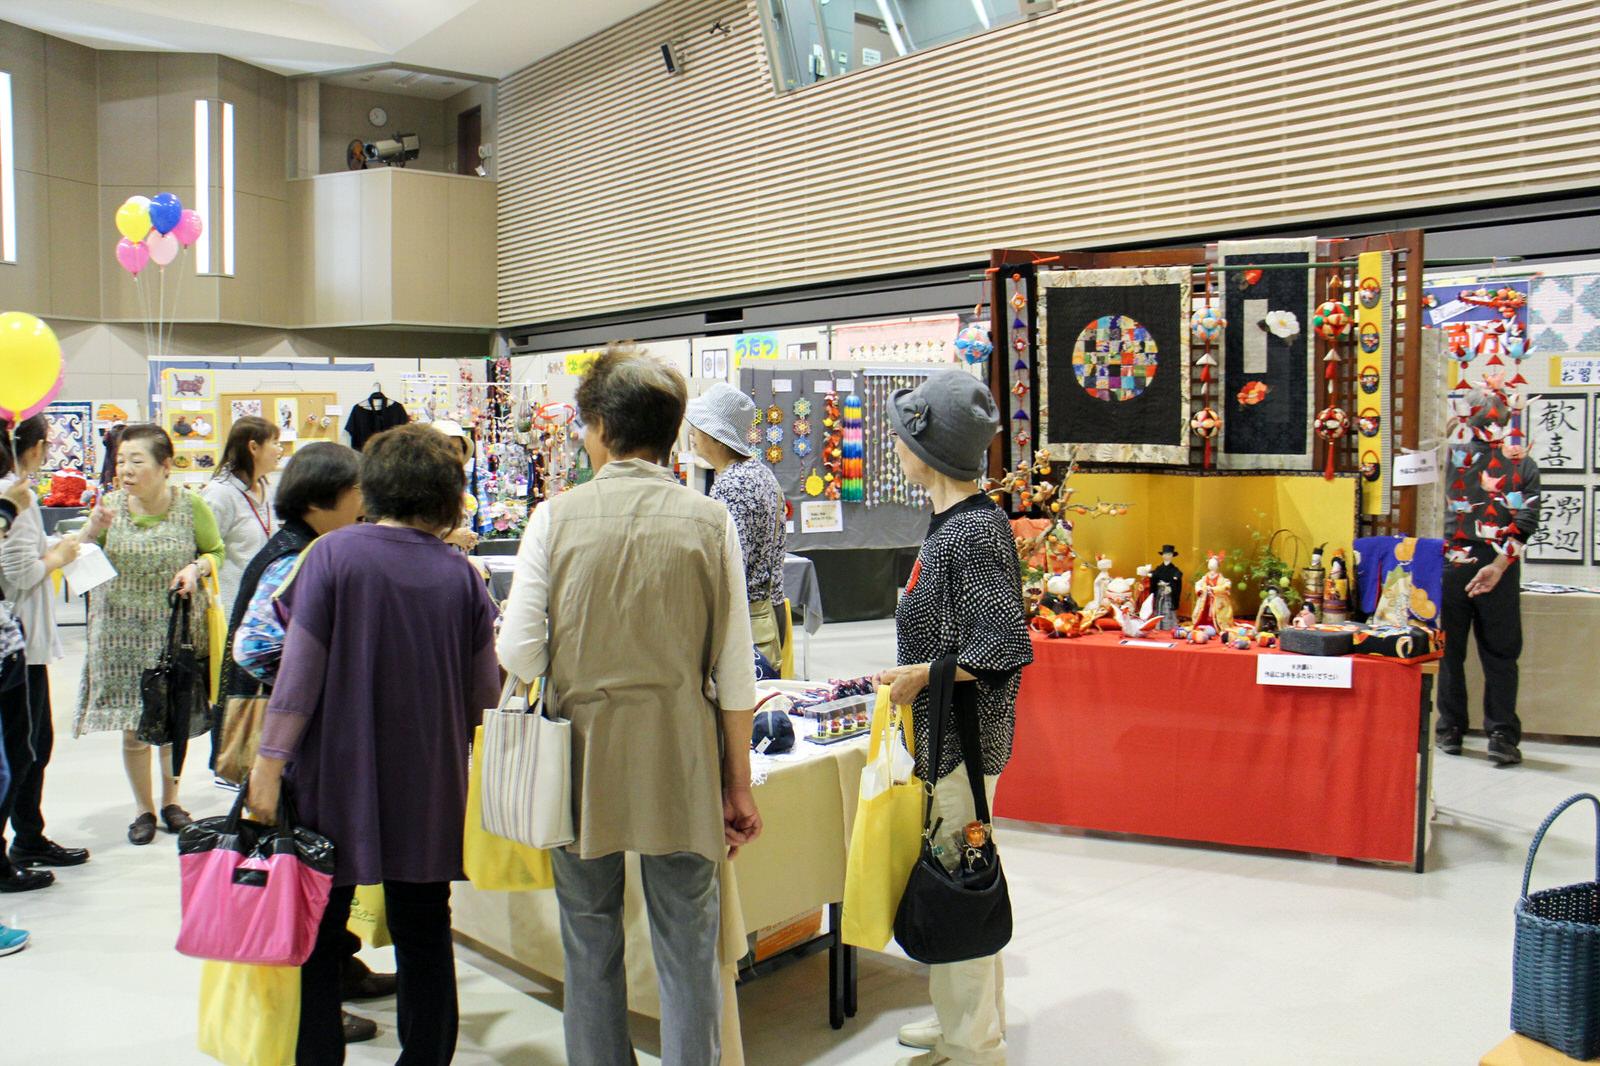 9月30日(金)から3日間開催された同展示会の最終日でもありました。町内の仮設集会所のサークルなどで作られた力作たち